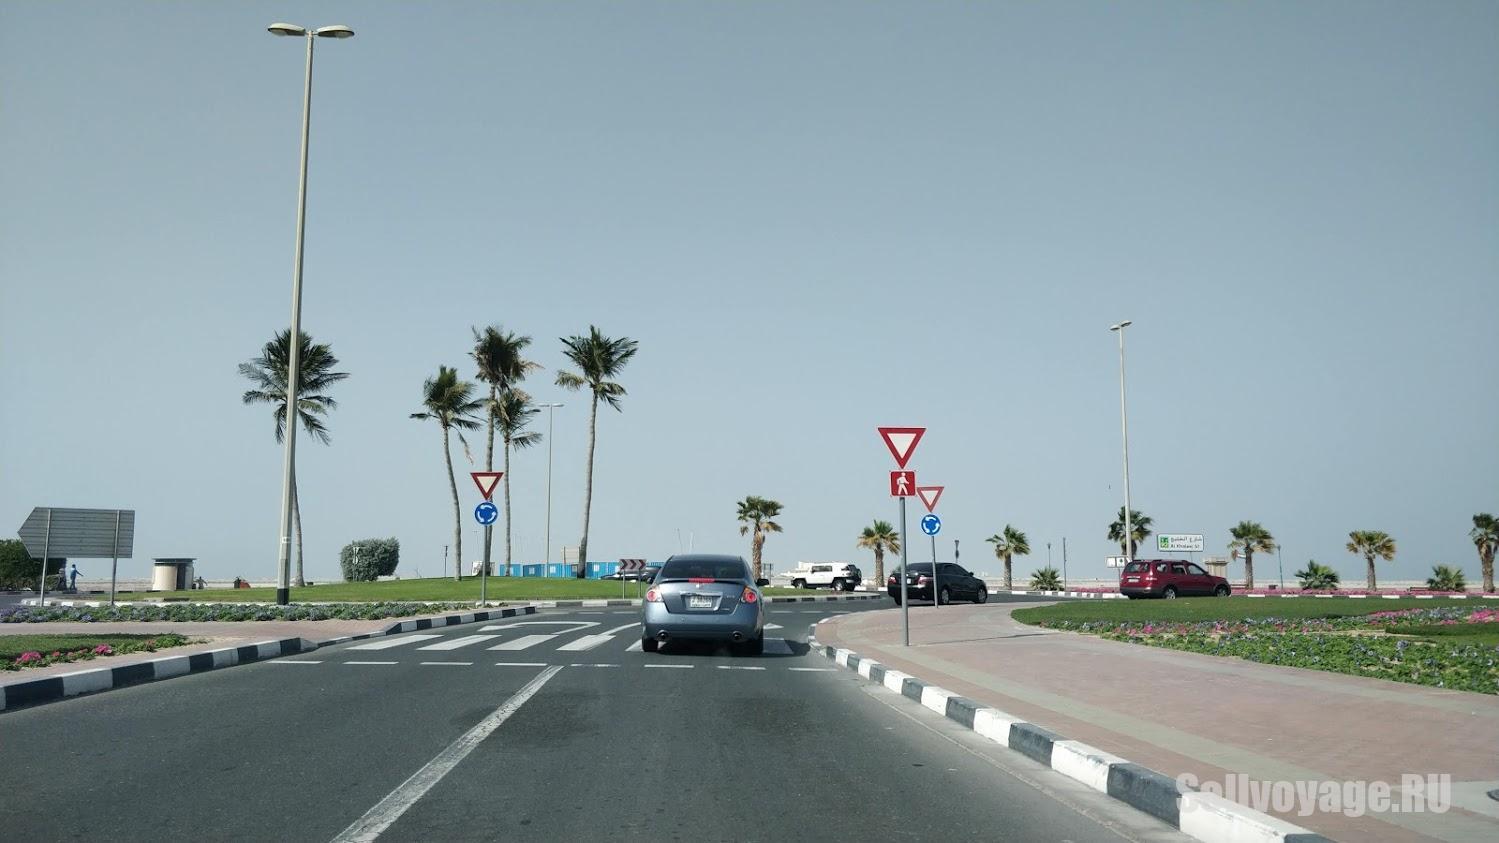 Дорожные знаки в Дубае